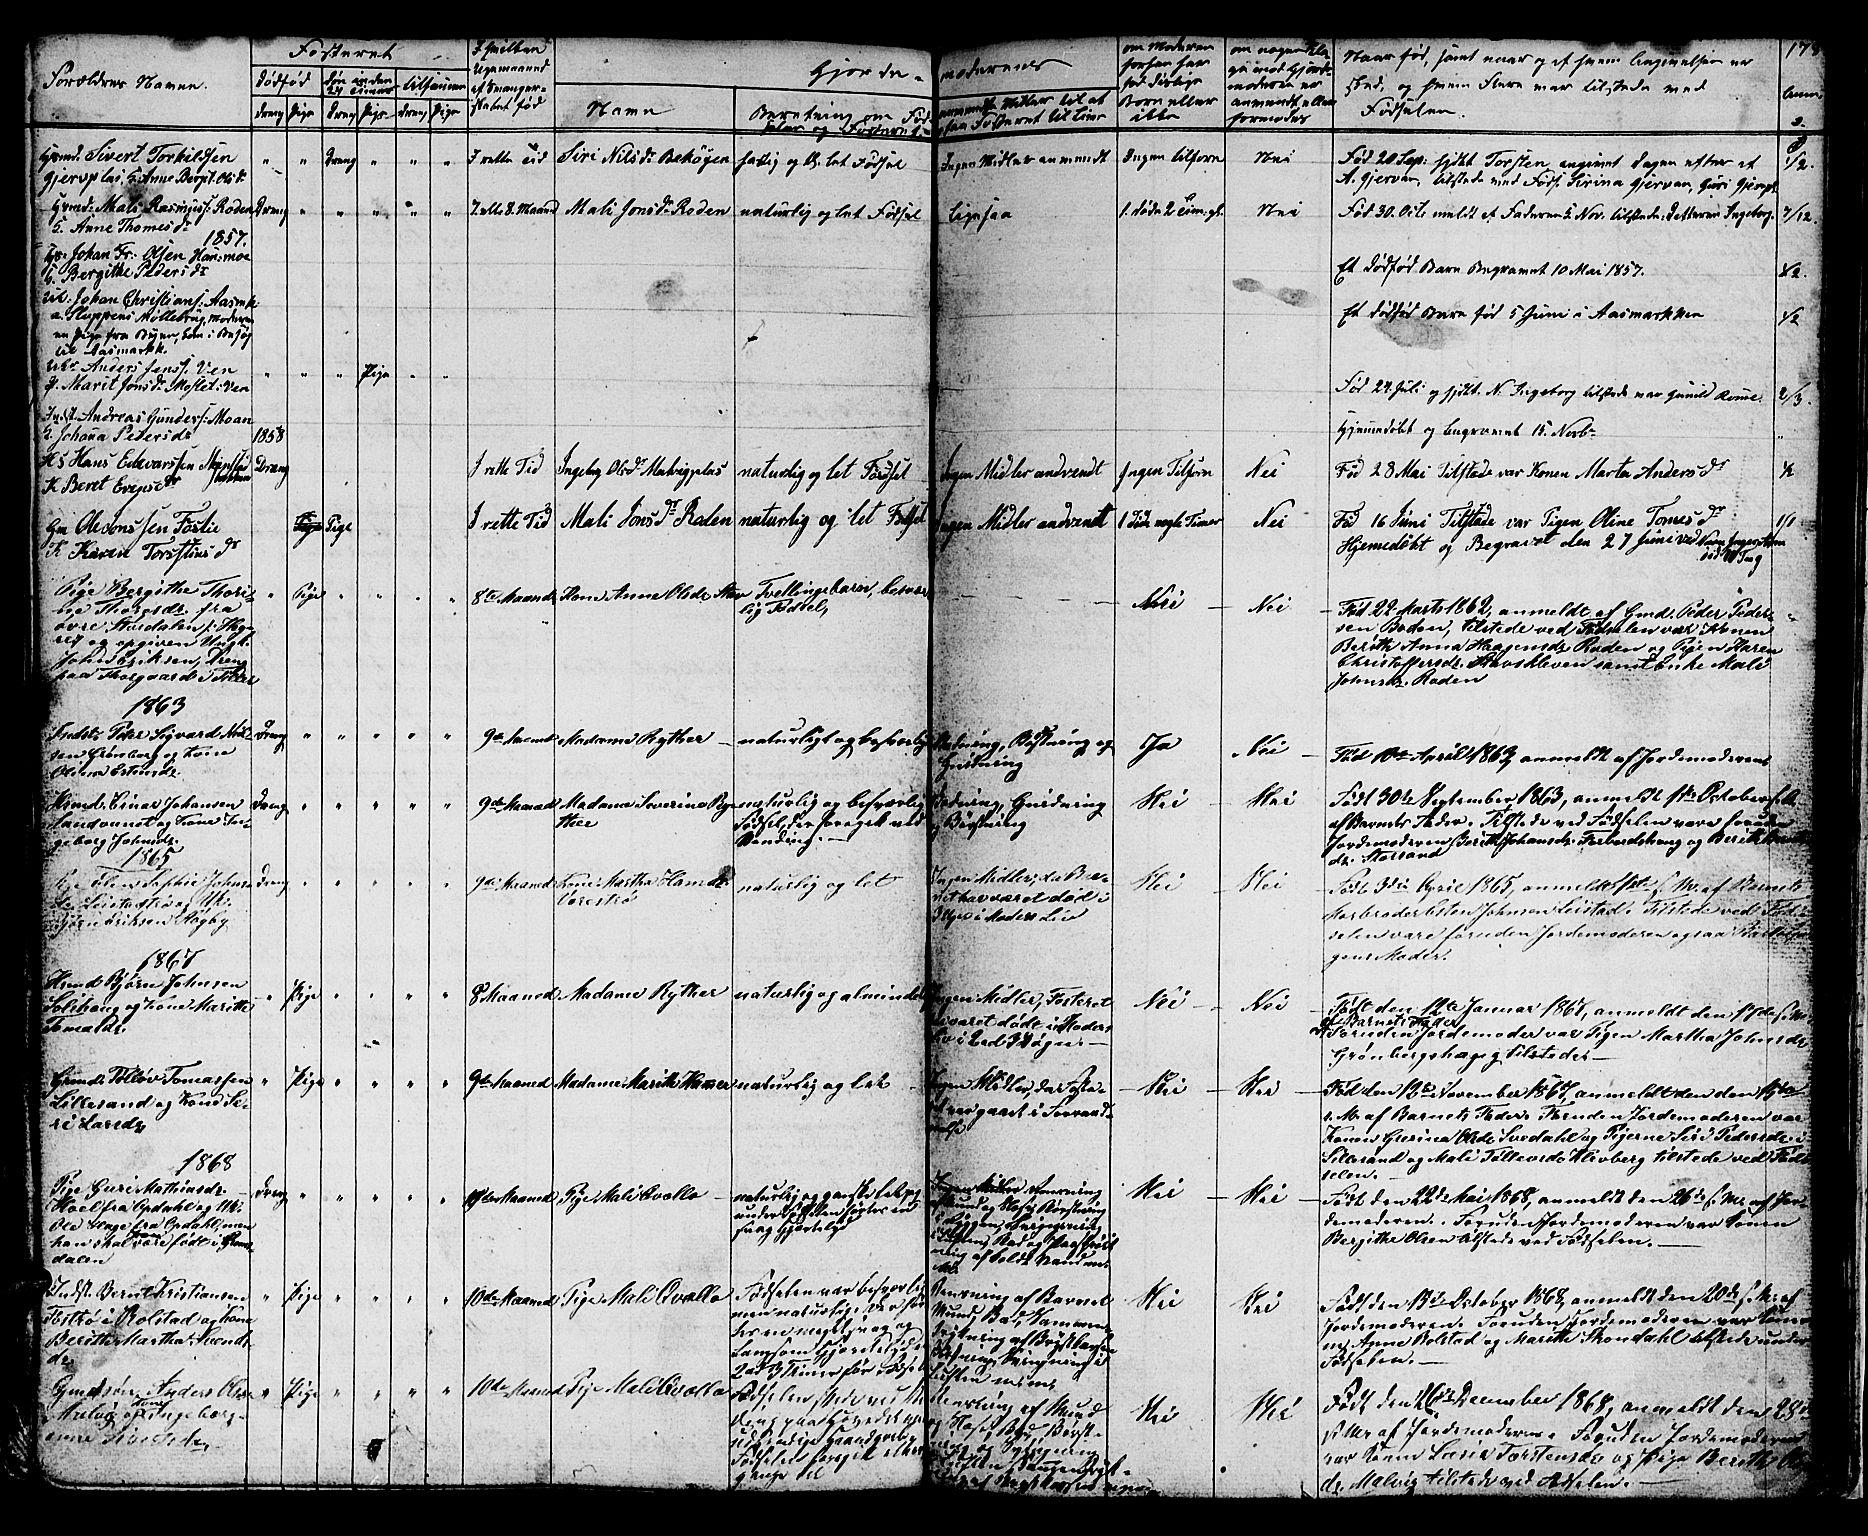 SAT, Ministerialprotokoller, klokkerbøker og fødselsregistre - Sør-Trøndelag, 616/L0422: Klokkerbok nr. 616C05, 1850-1888, s. 178